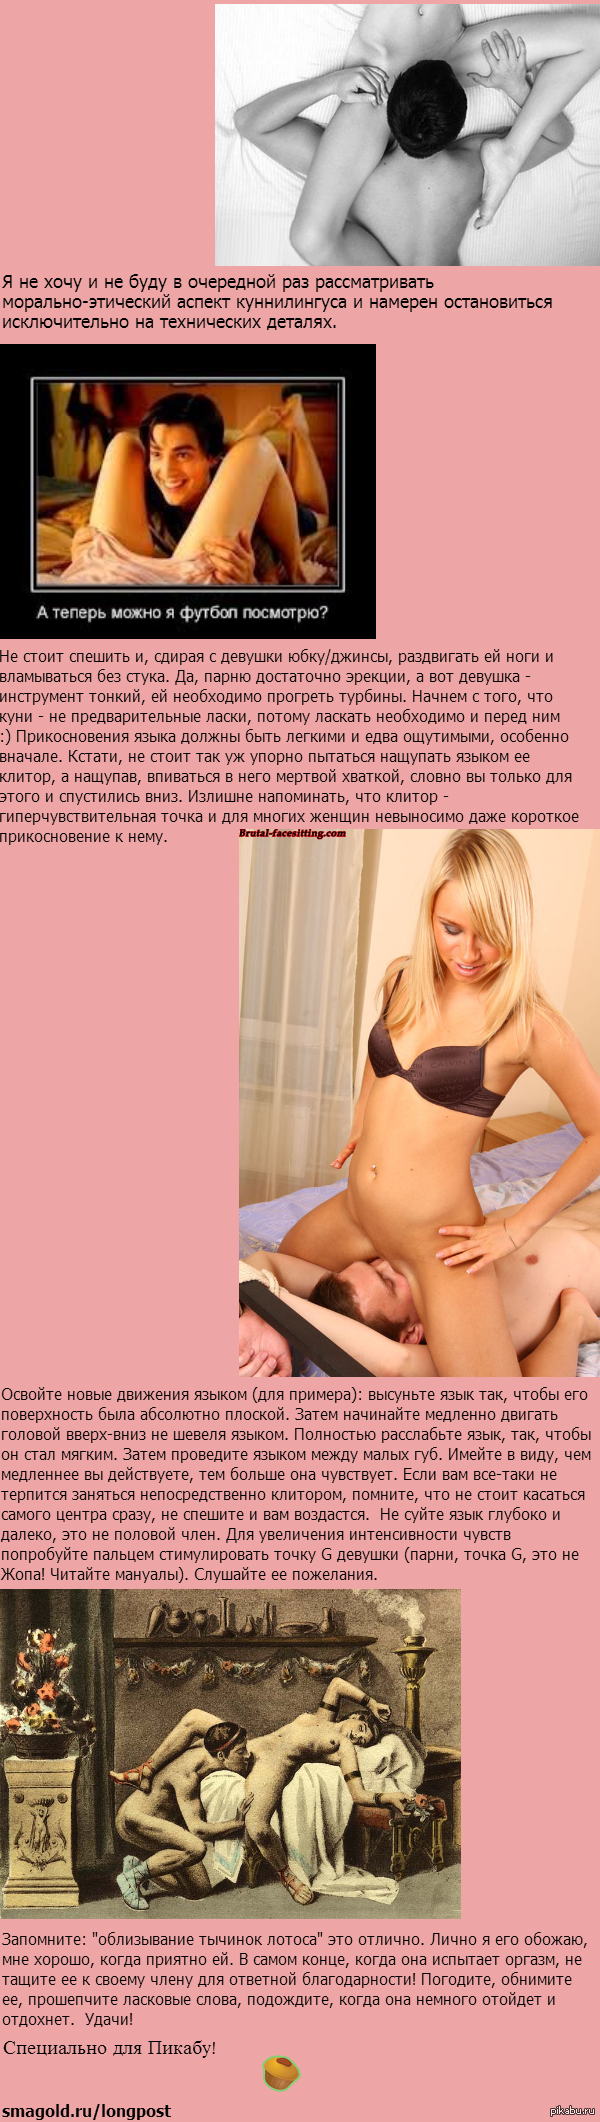 Рассказ порно куни 10 фотография